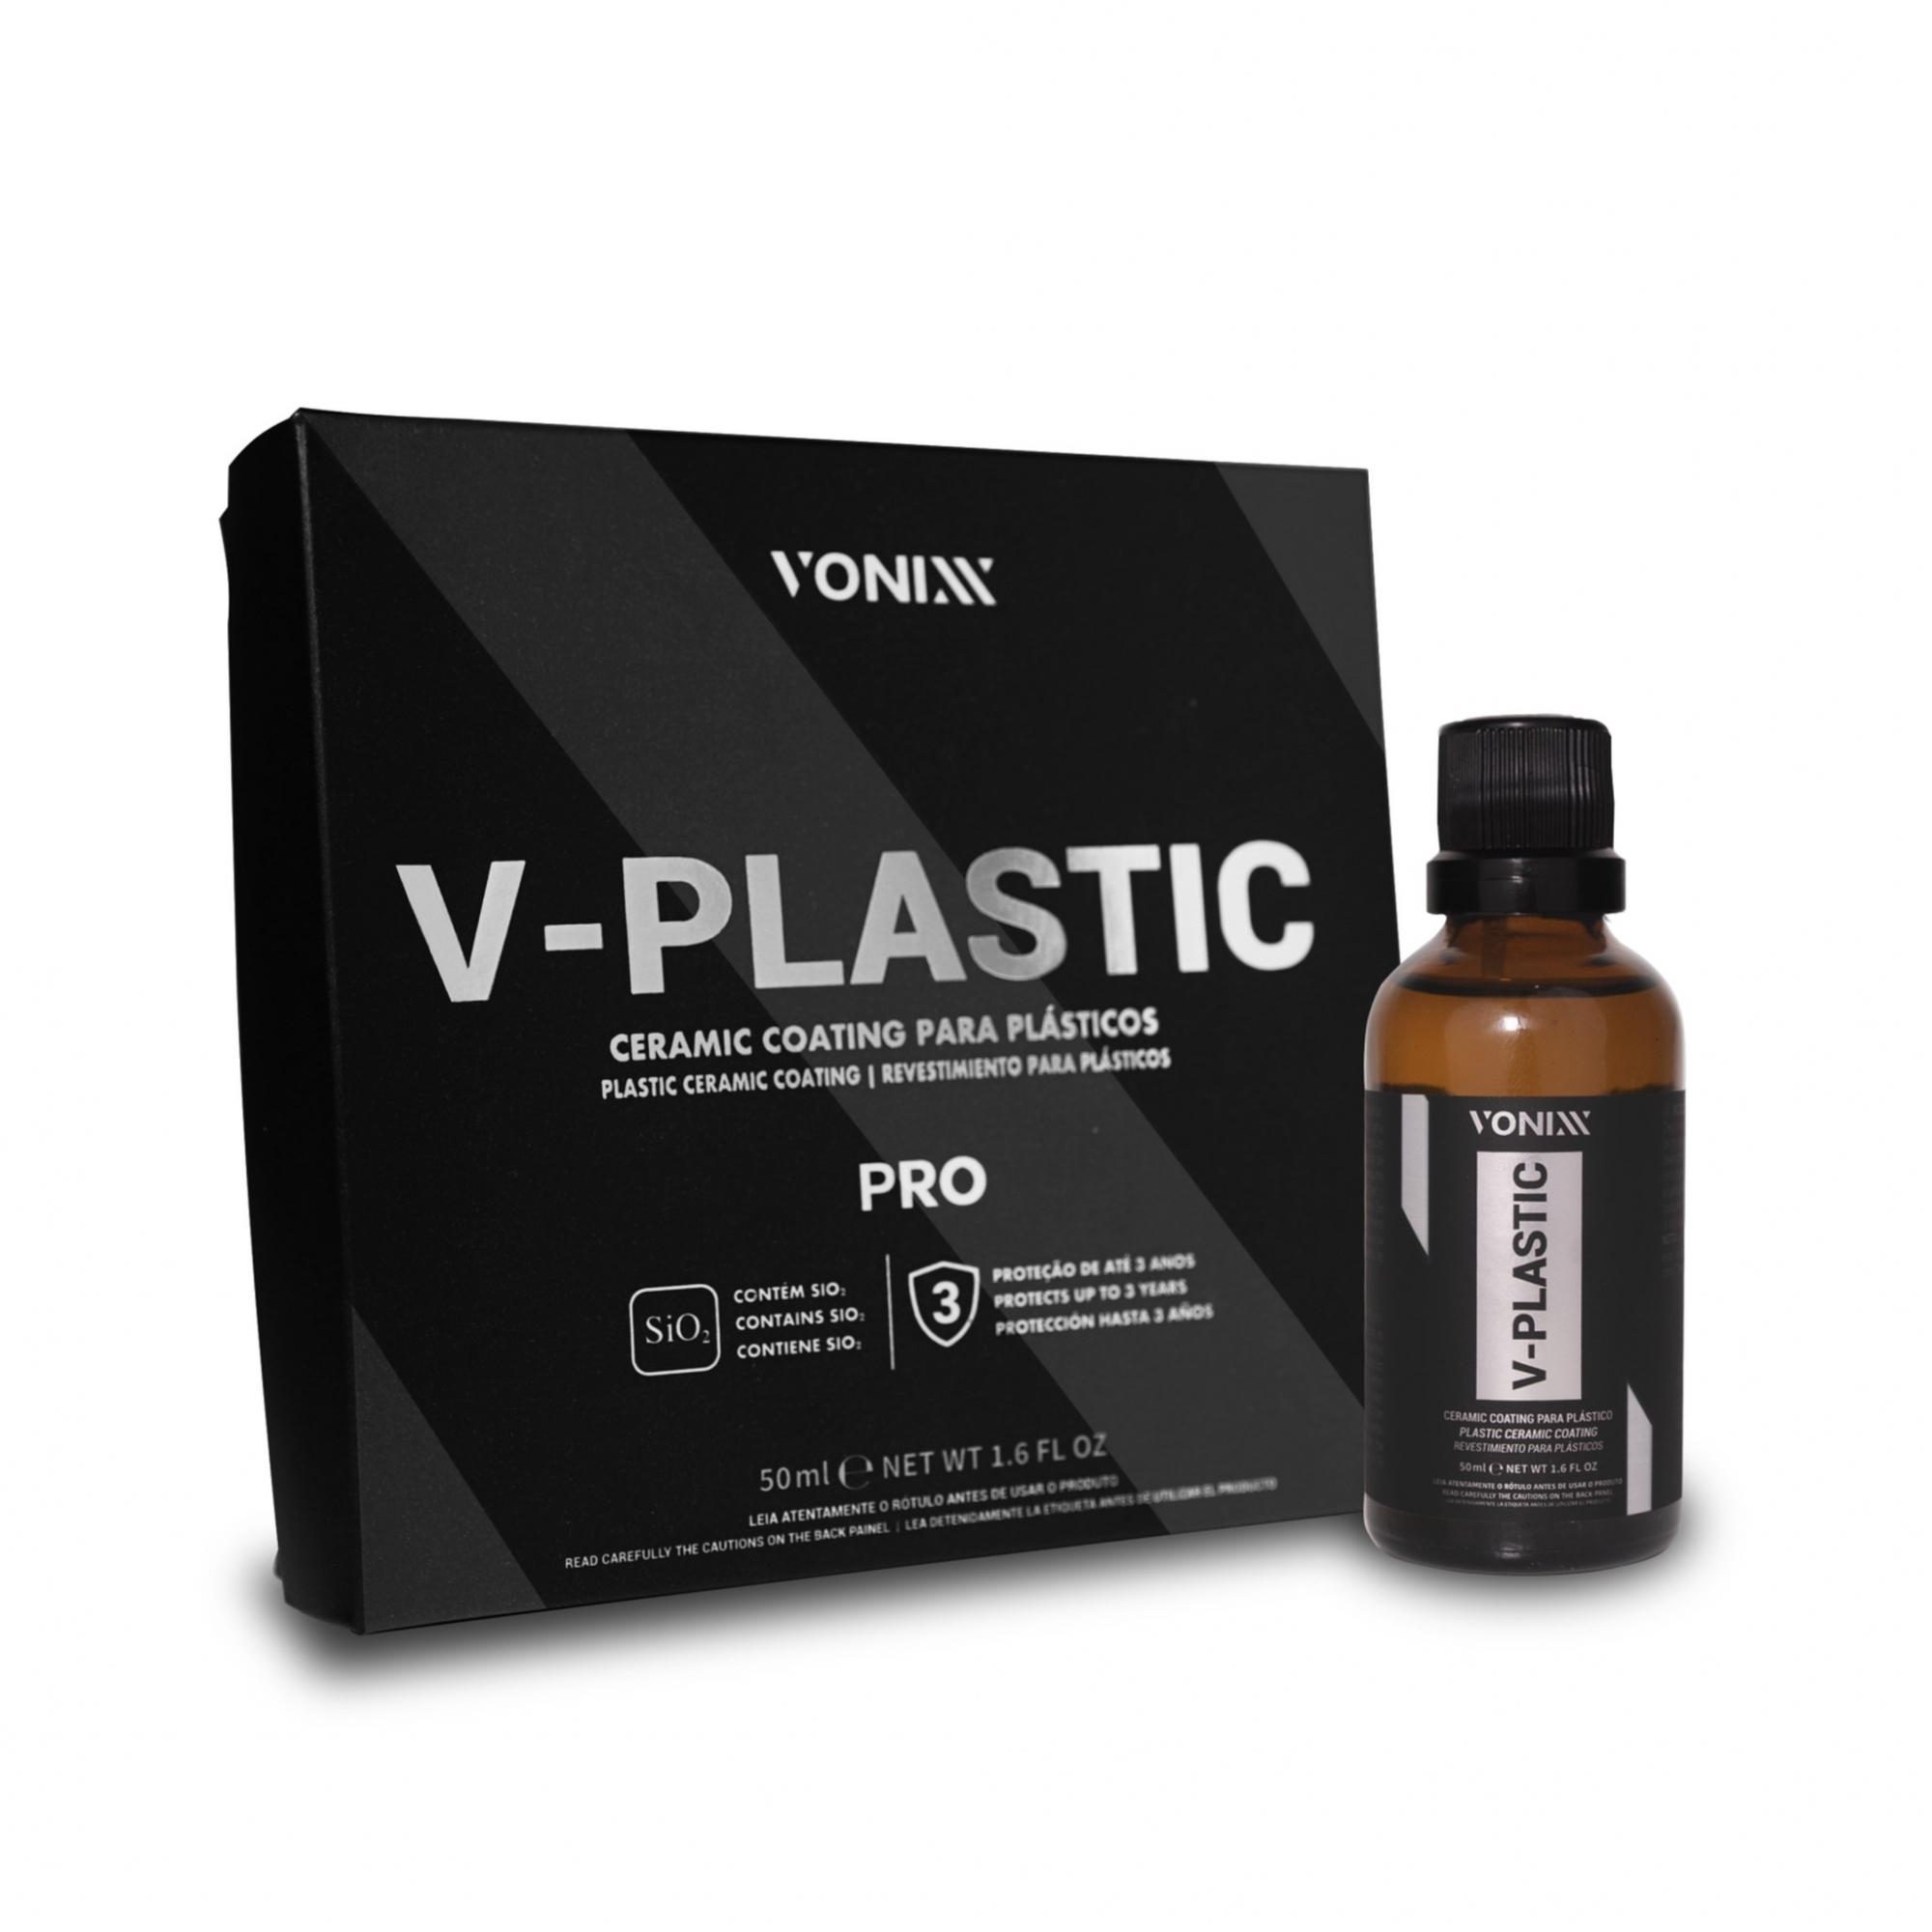 V-PLASTIC 50ML - VONIXX